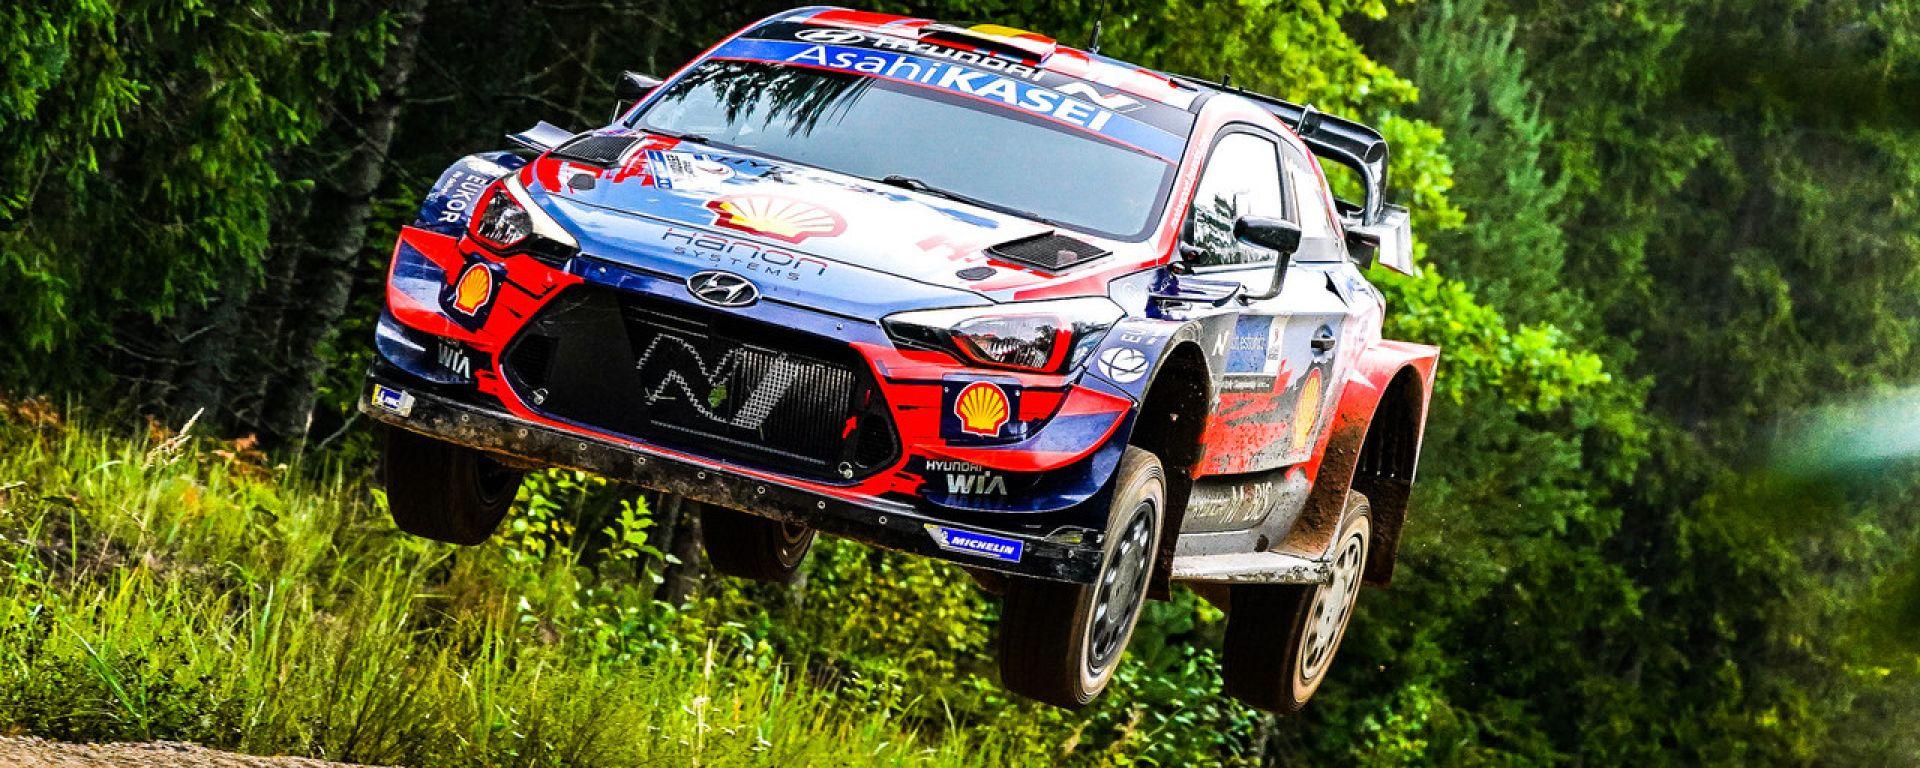 WRC, Rally Estonia 2020: la Hyundai i20 di Thierry Neuville